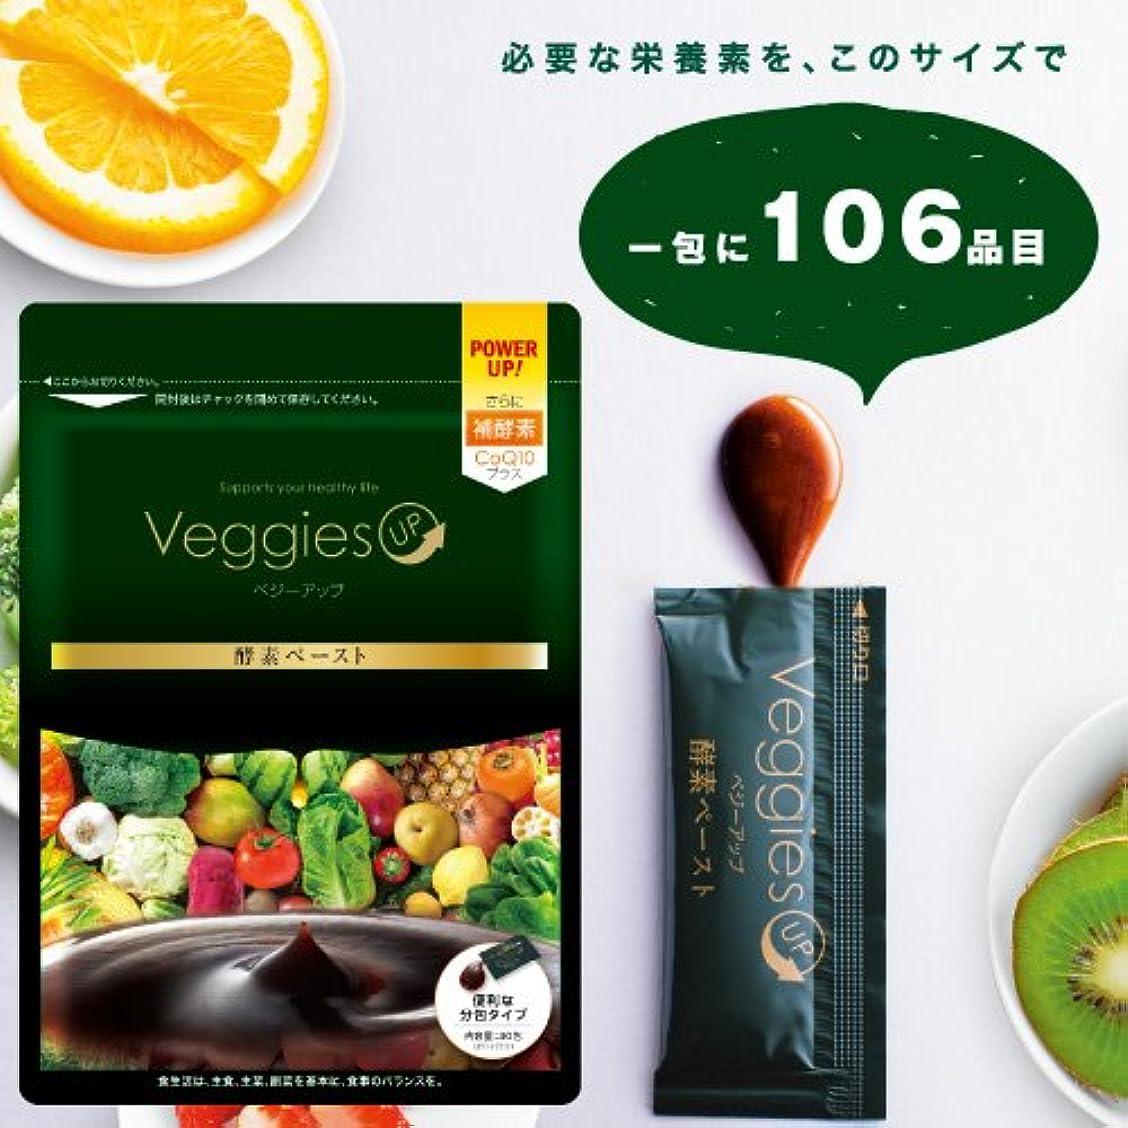 冷凍庫チャンピオンフロントベジーアップ酵素ペースト 90g [3g×30包] ダイエット オリゴ糖 イヌリン コエンザイムQ10 黒ウコン 健康